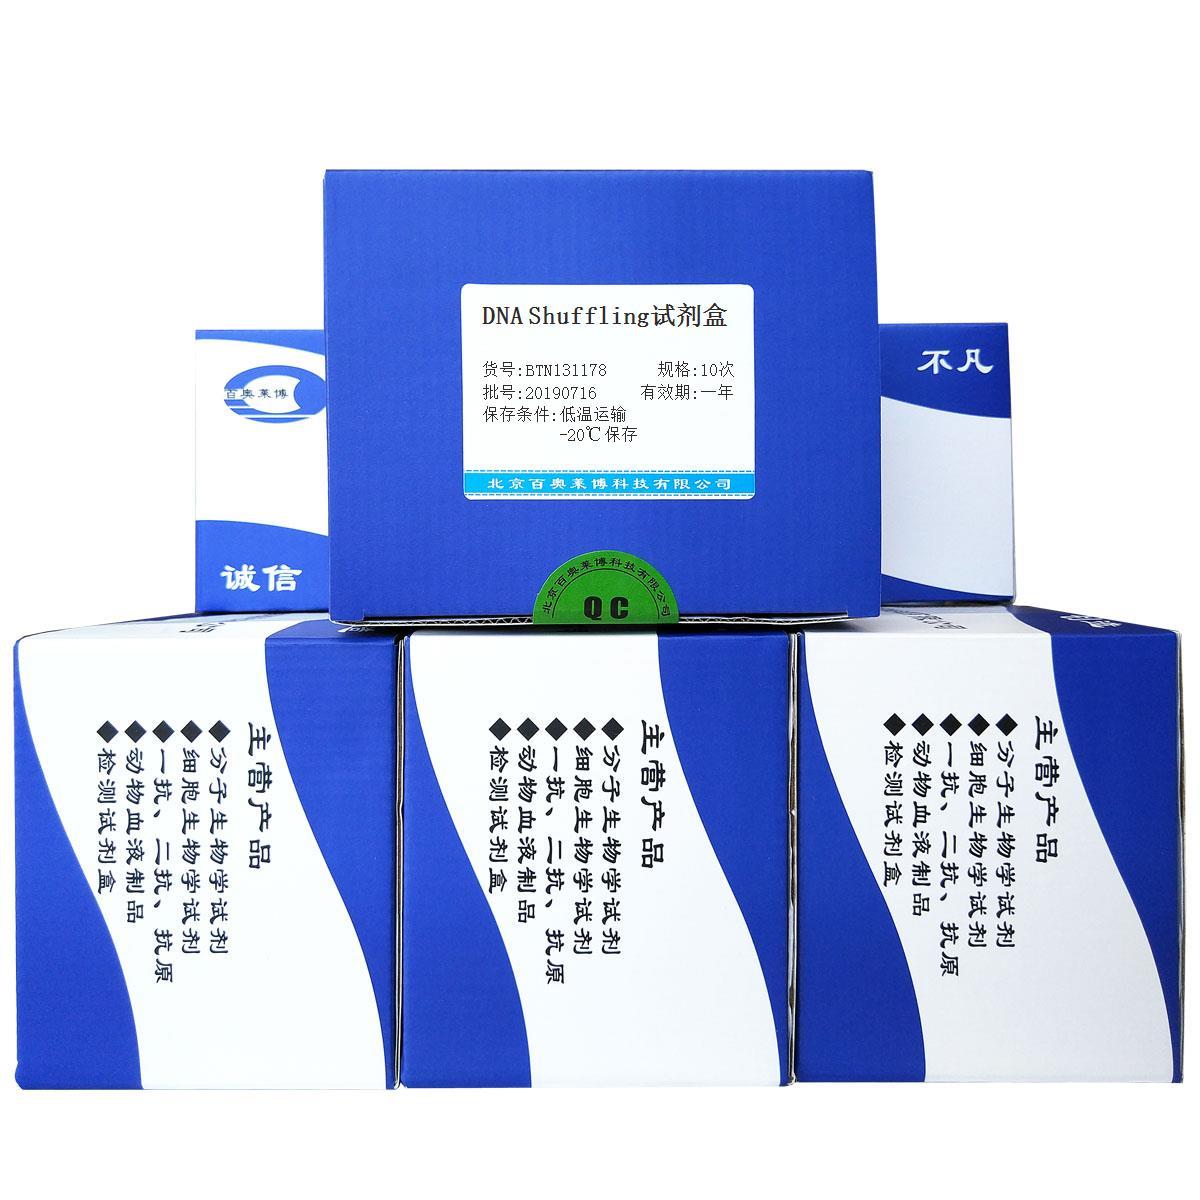 DNA Shuffling试剂盒北京价格